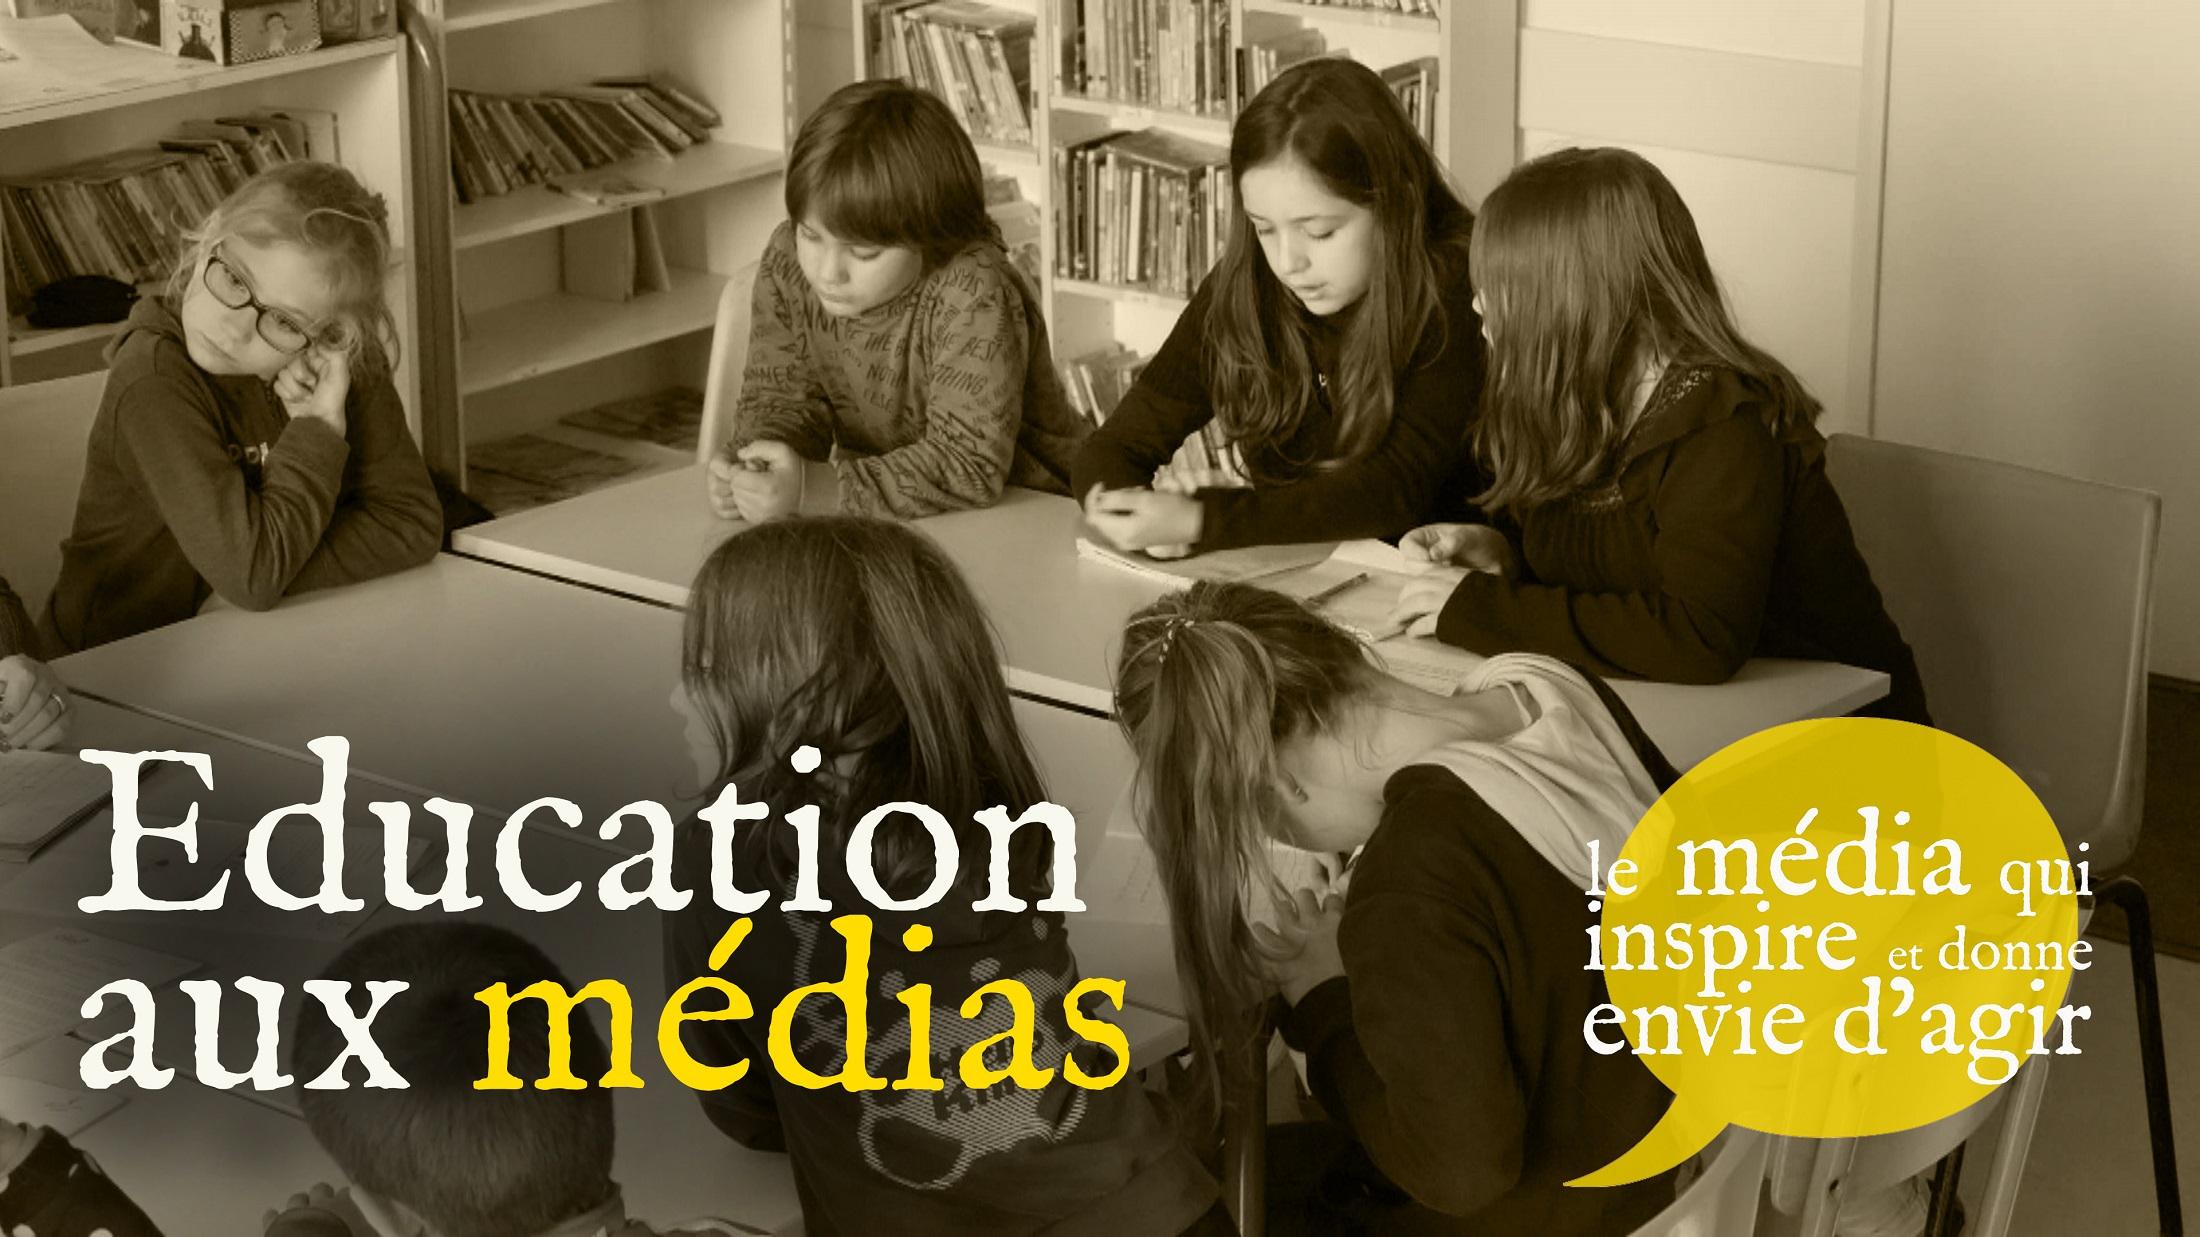 Breves-education-aux-medias2b